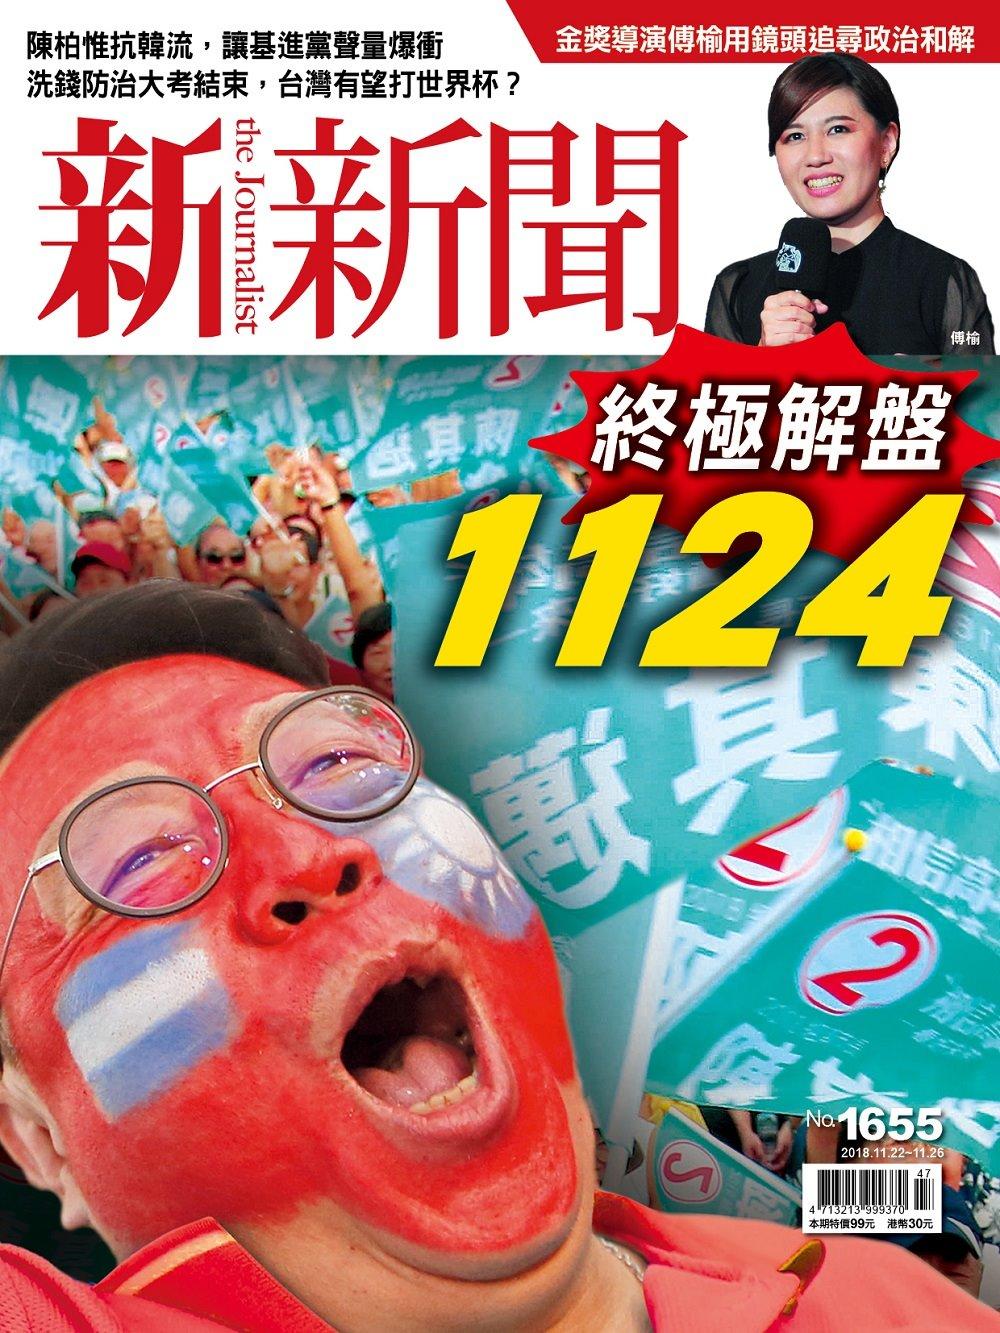 新新聞 2018/11/22第1655期